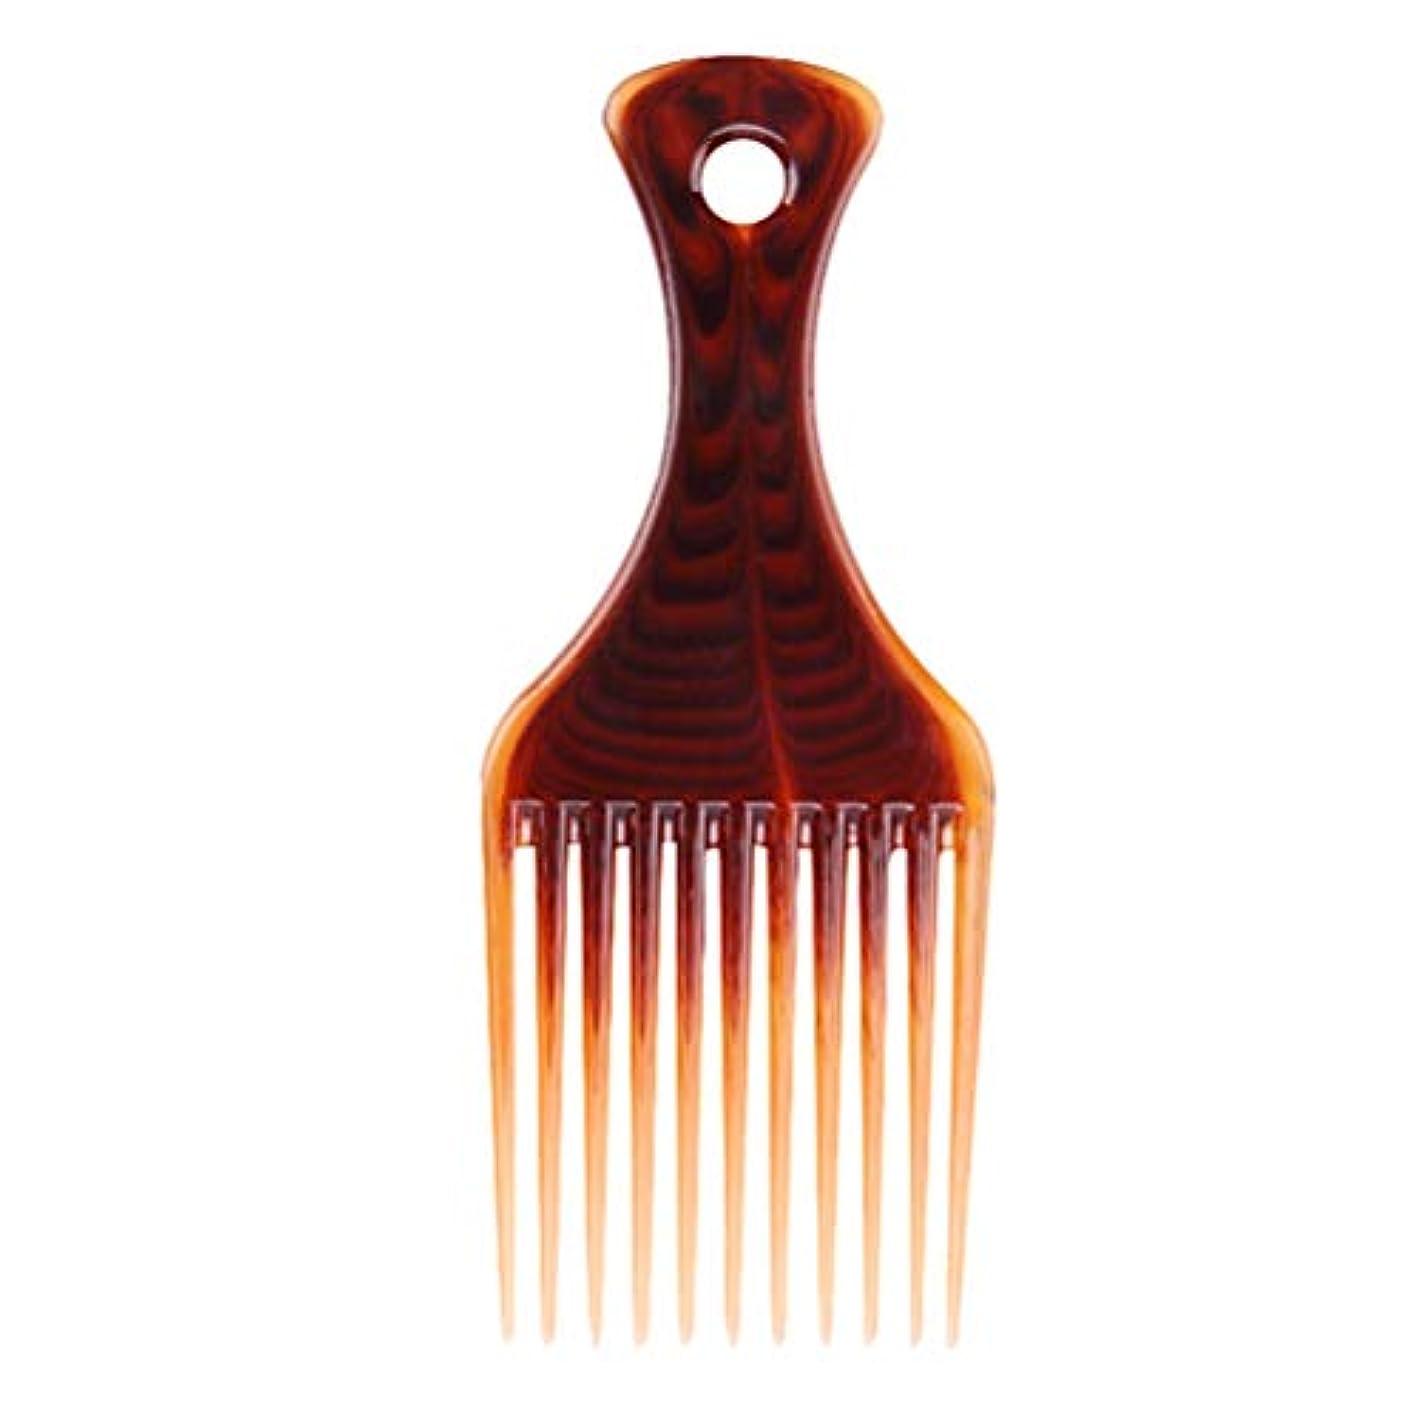 退院コーラス鎮痛剤HEALIFTY プラスチックワイドトゥースコームサロン理容理髪ブラシヘアフォークコーム(コーヒー)